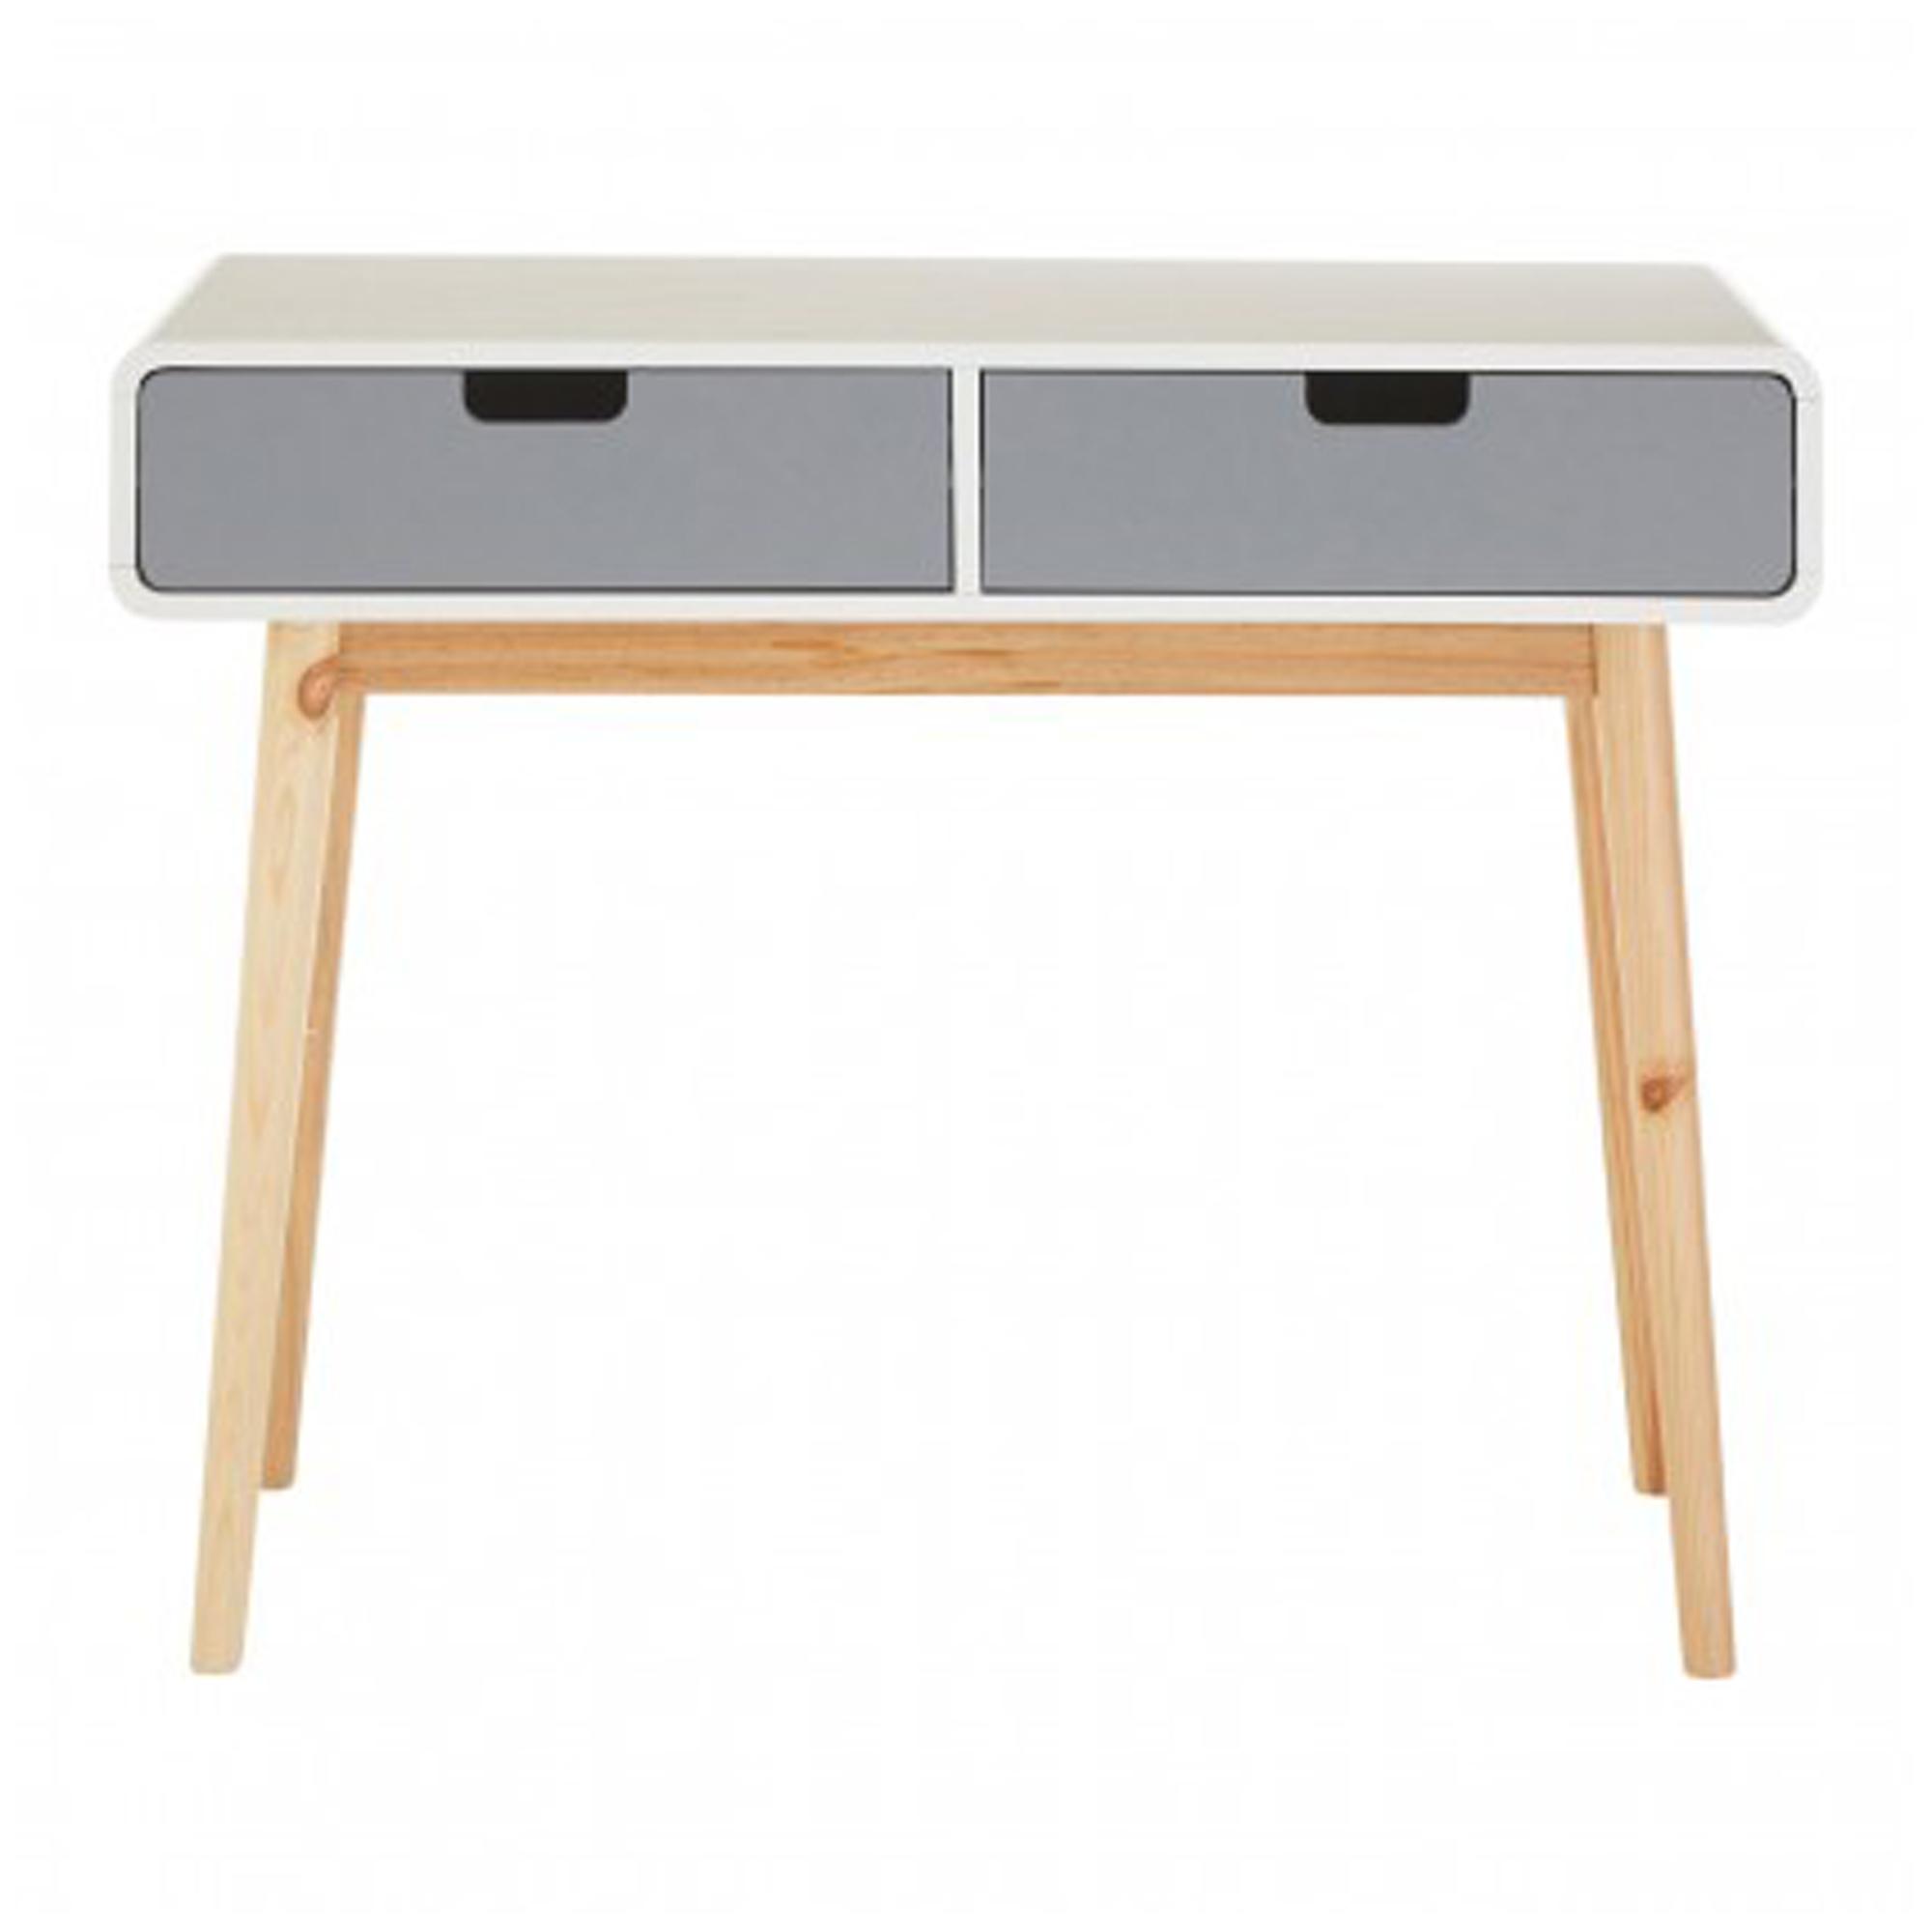 Milo Console Table